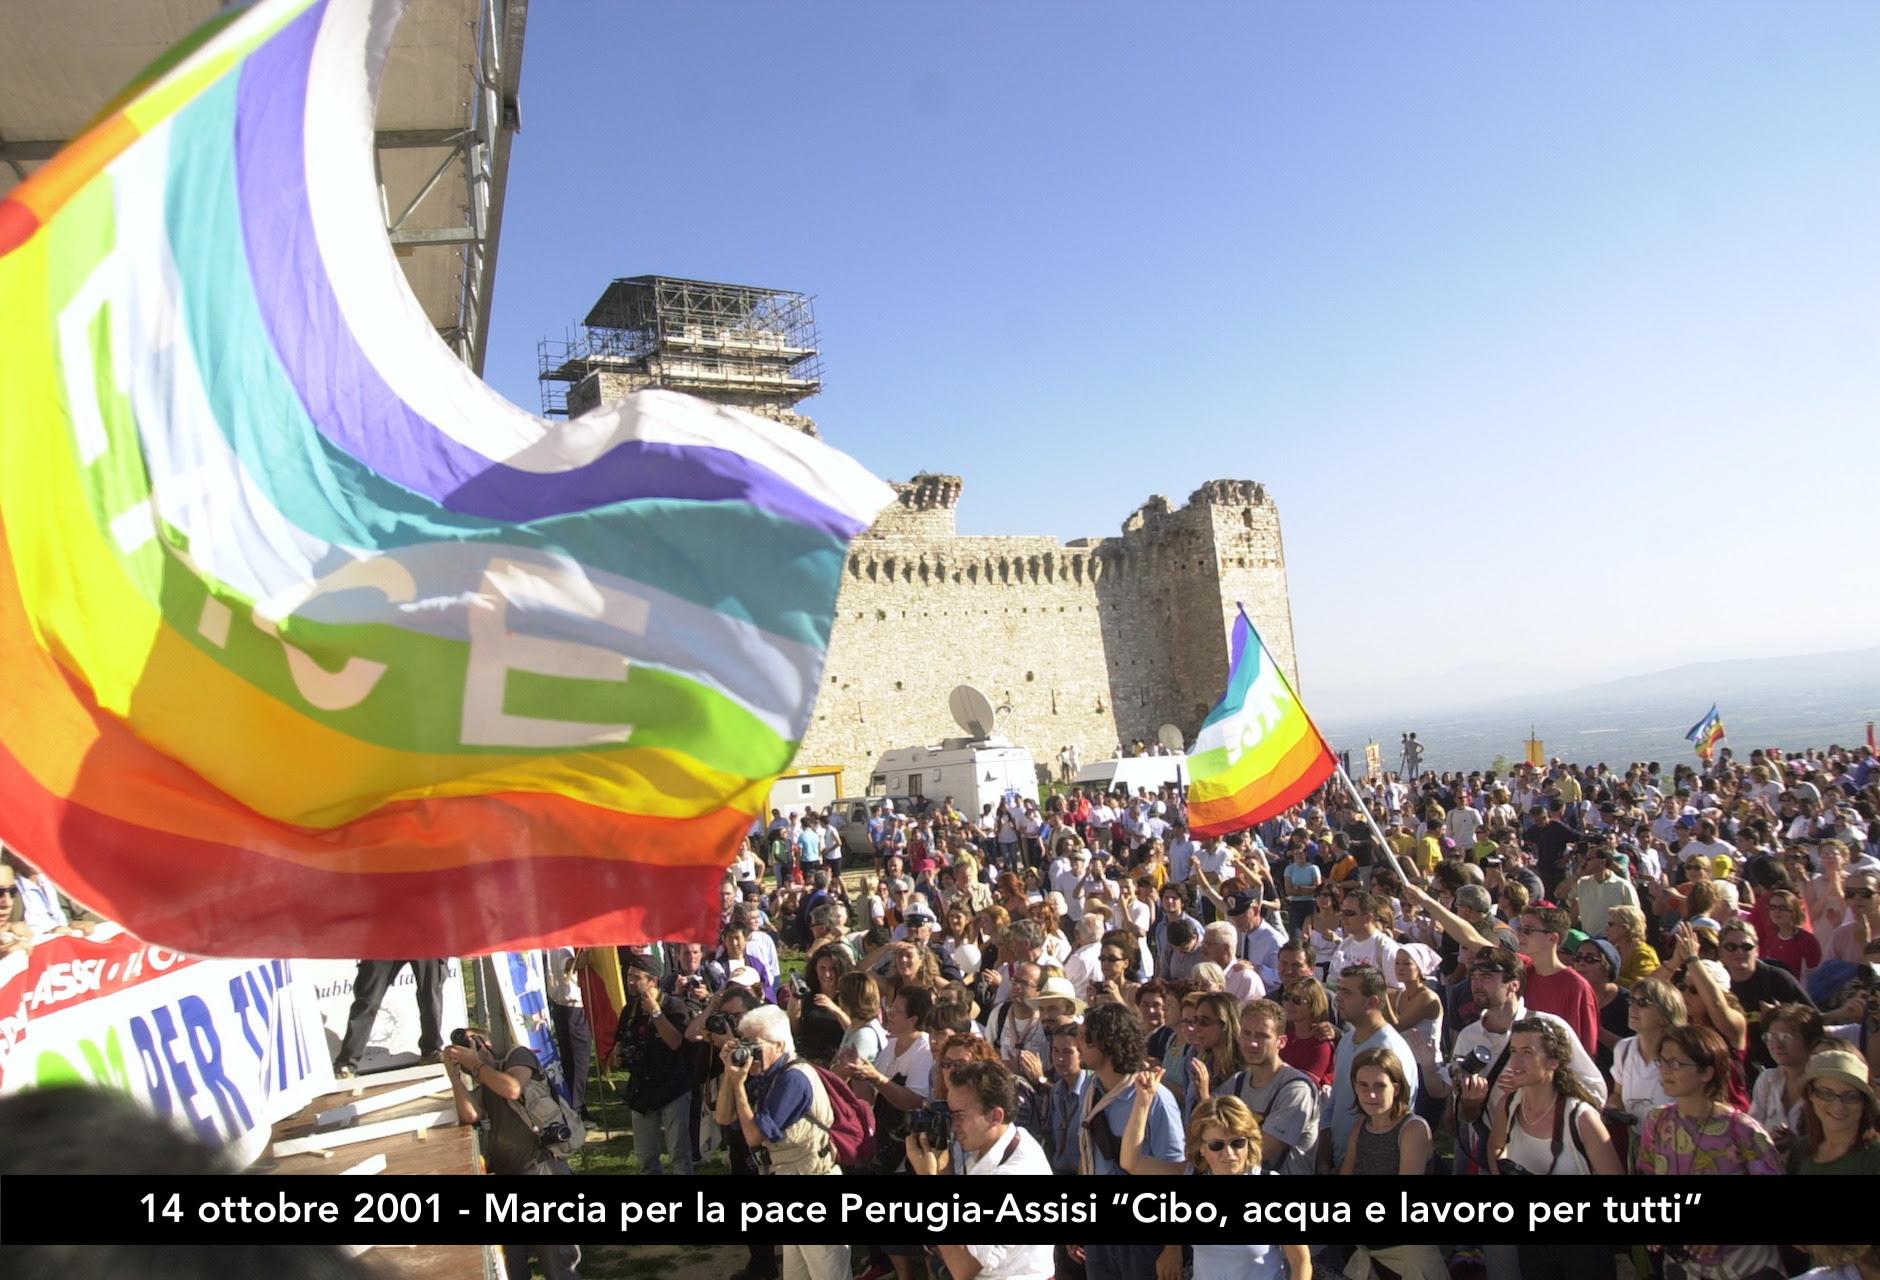 """14 ottobre 2001, Marcia per la pace Perugia-Assisi """"Cibo, acqua e lavoro per tutti"""""""